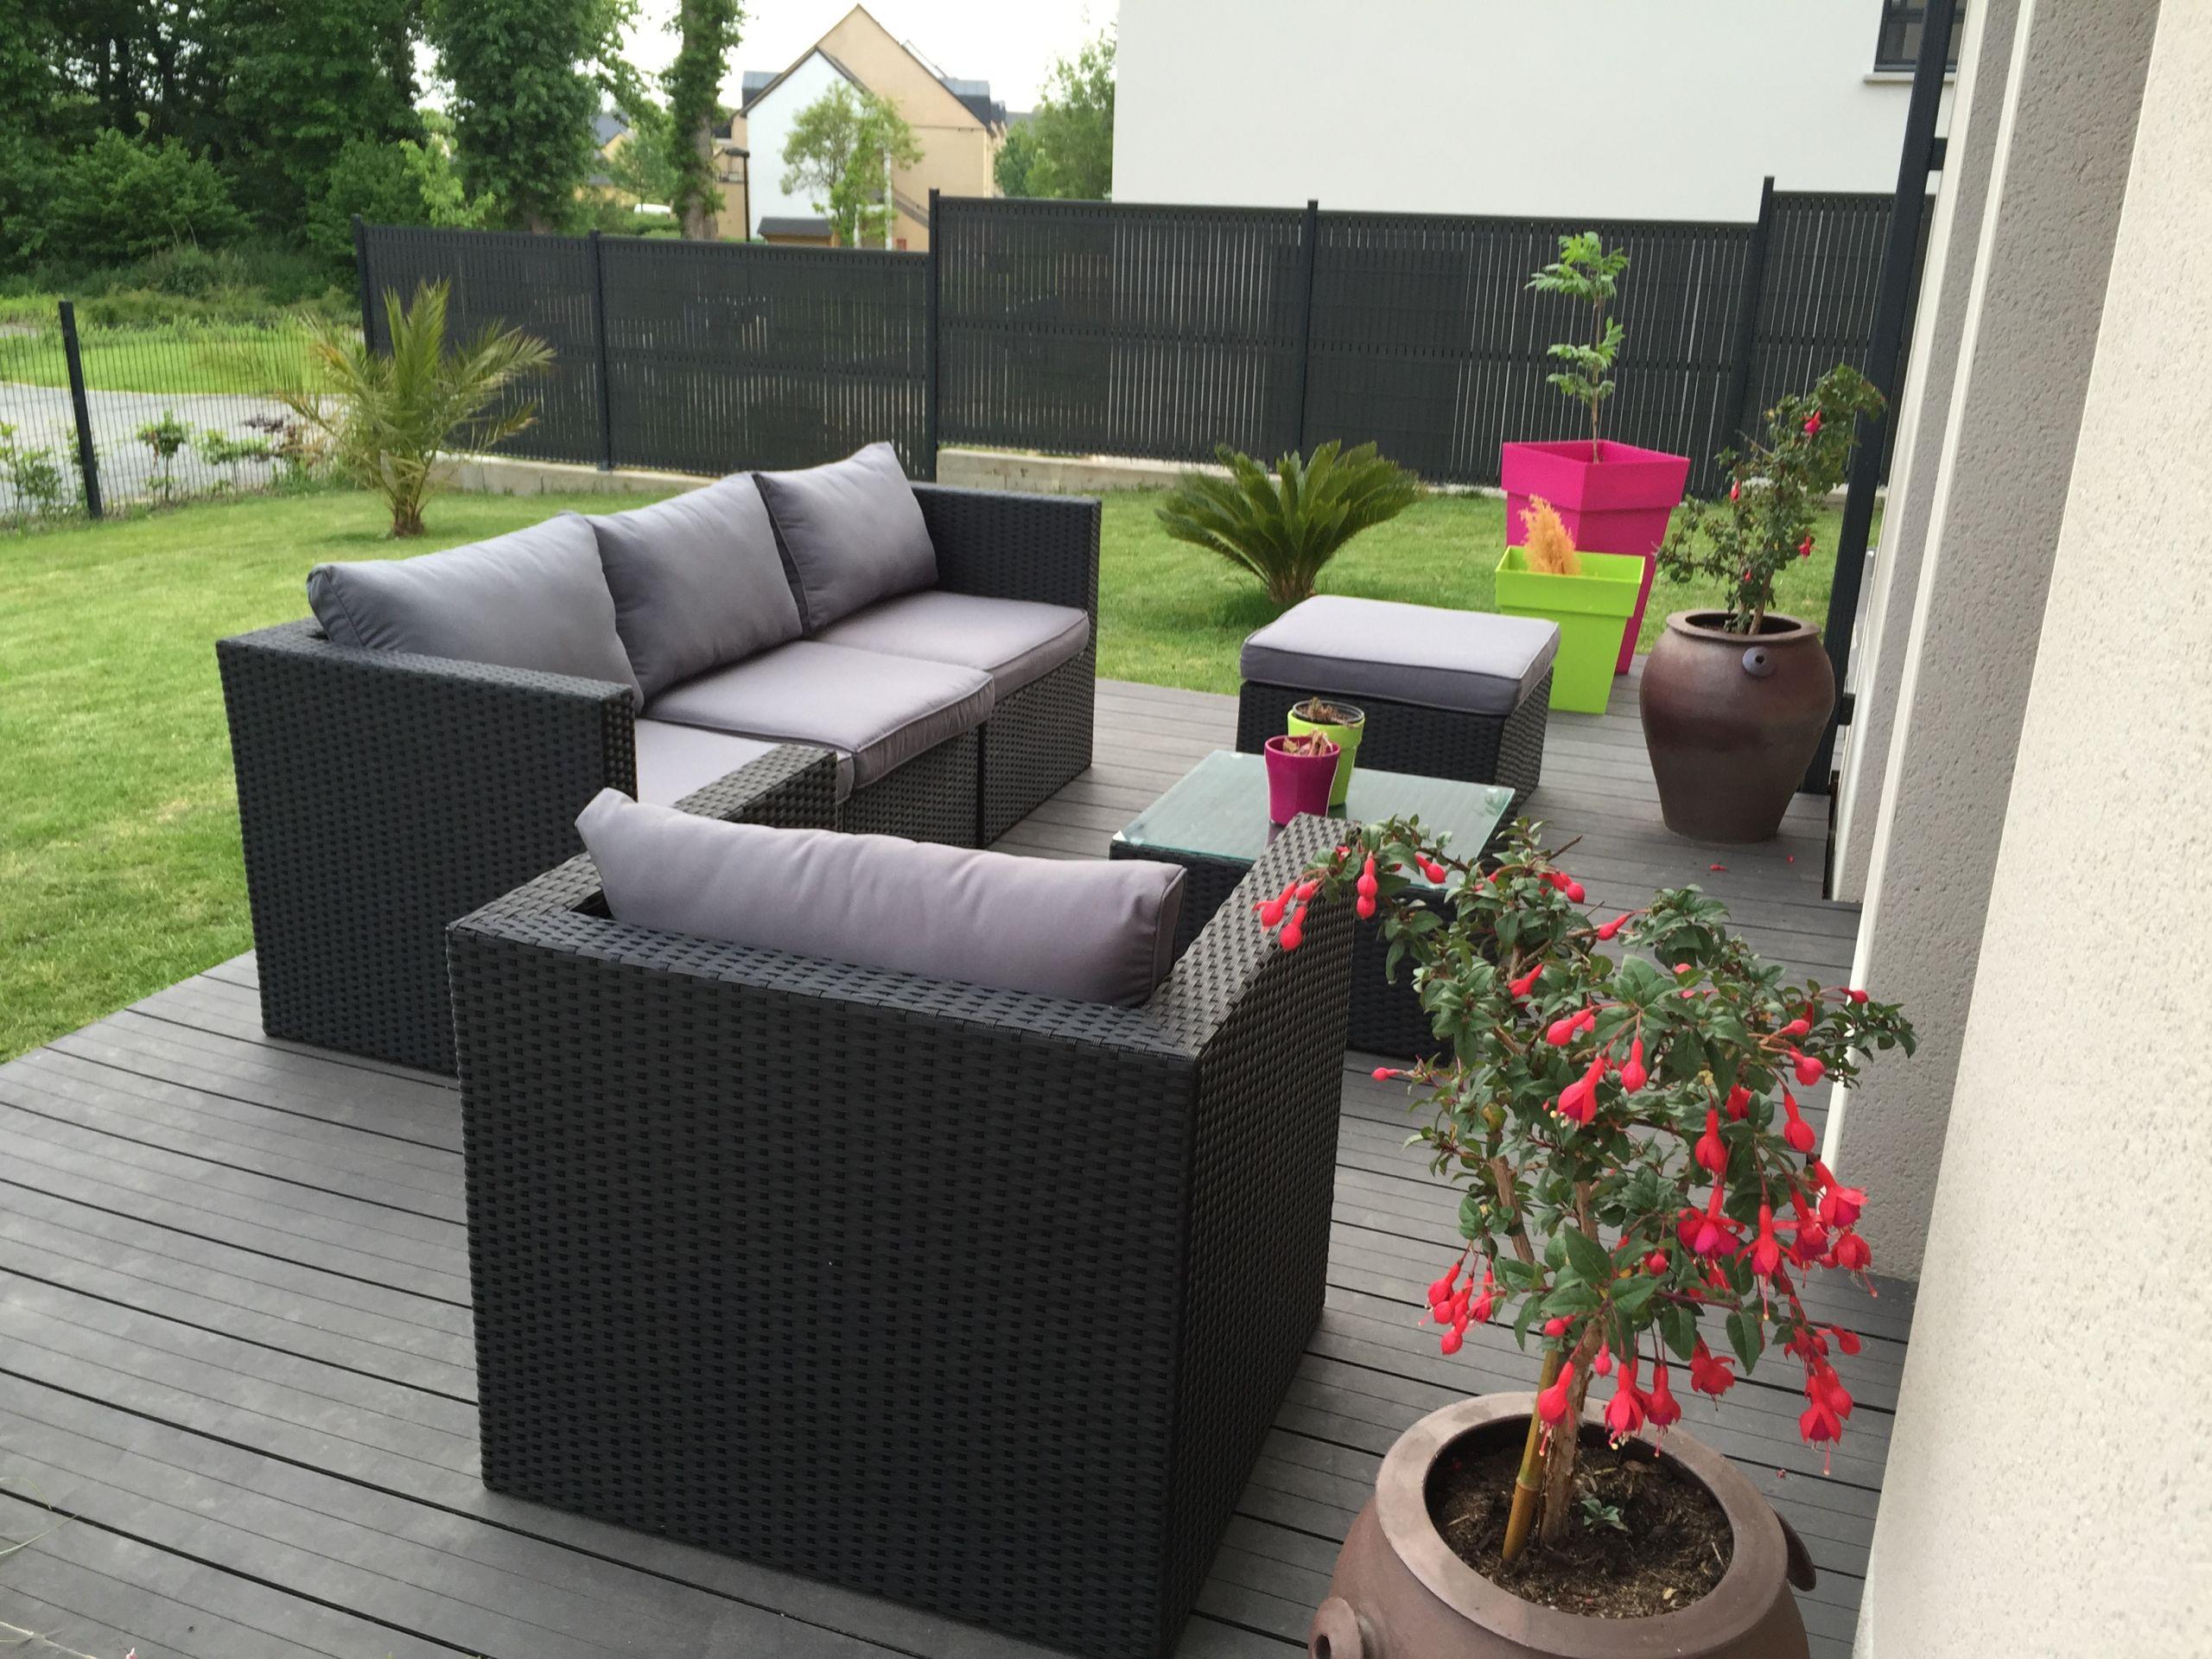 40 Nouveau Salon De Jardin Resine Blanc | Salon Jardin encequiconcerne Meubles De Jardin Ikea